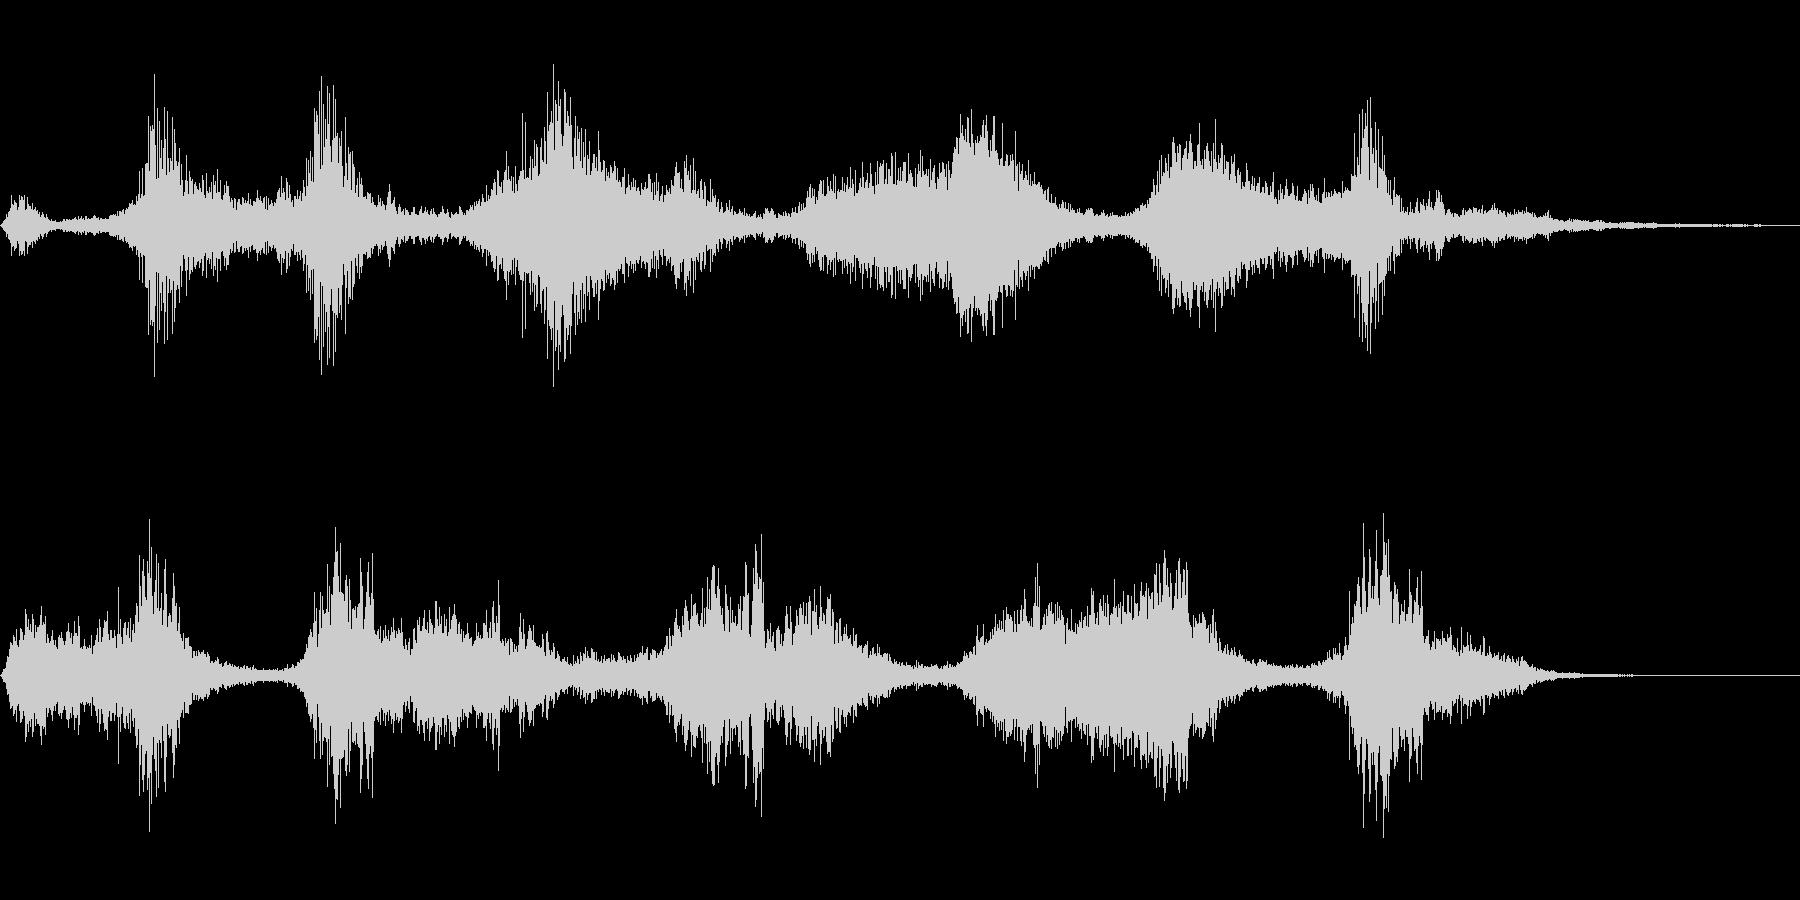 危険な物体が現れた音の未再生の波形